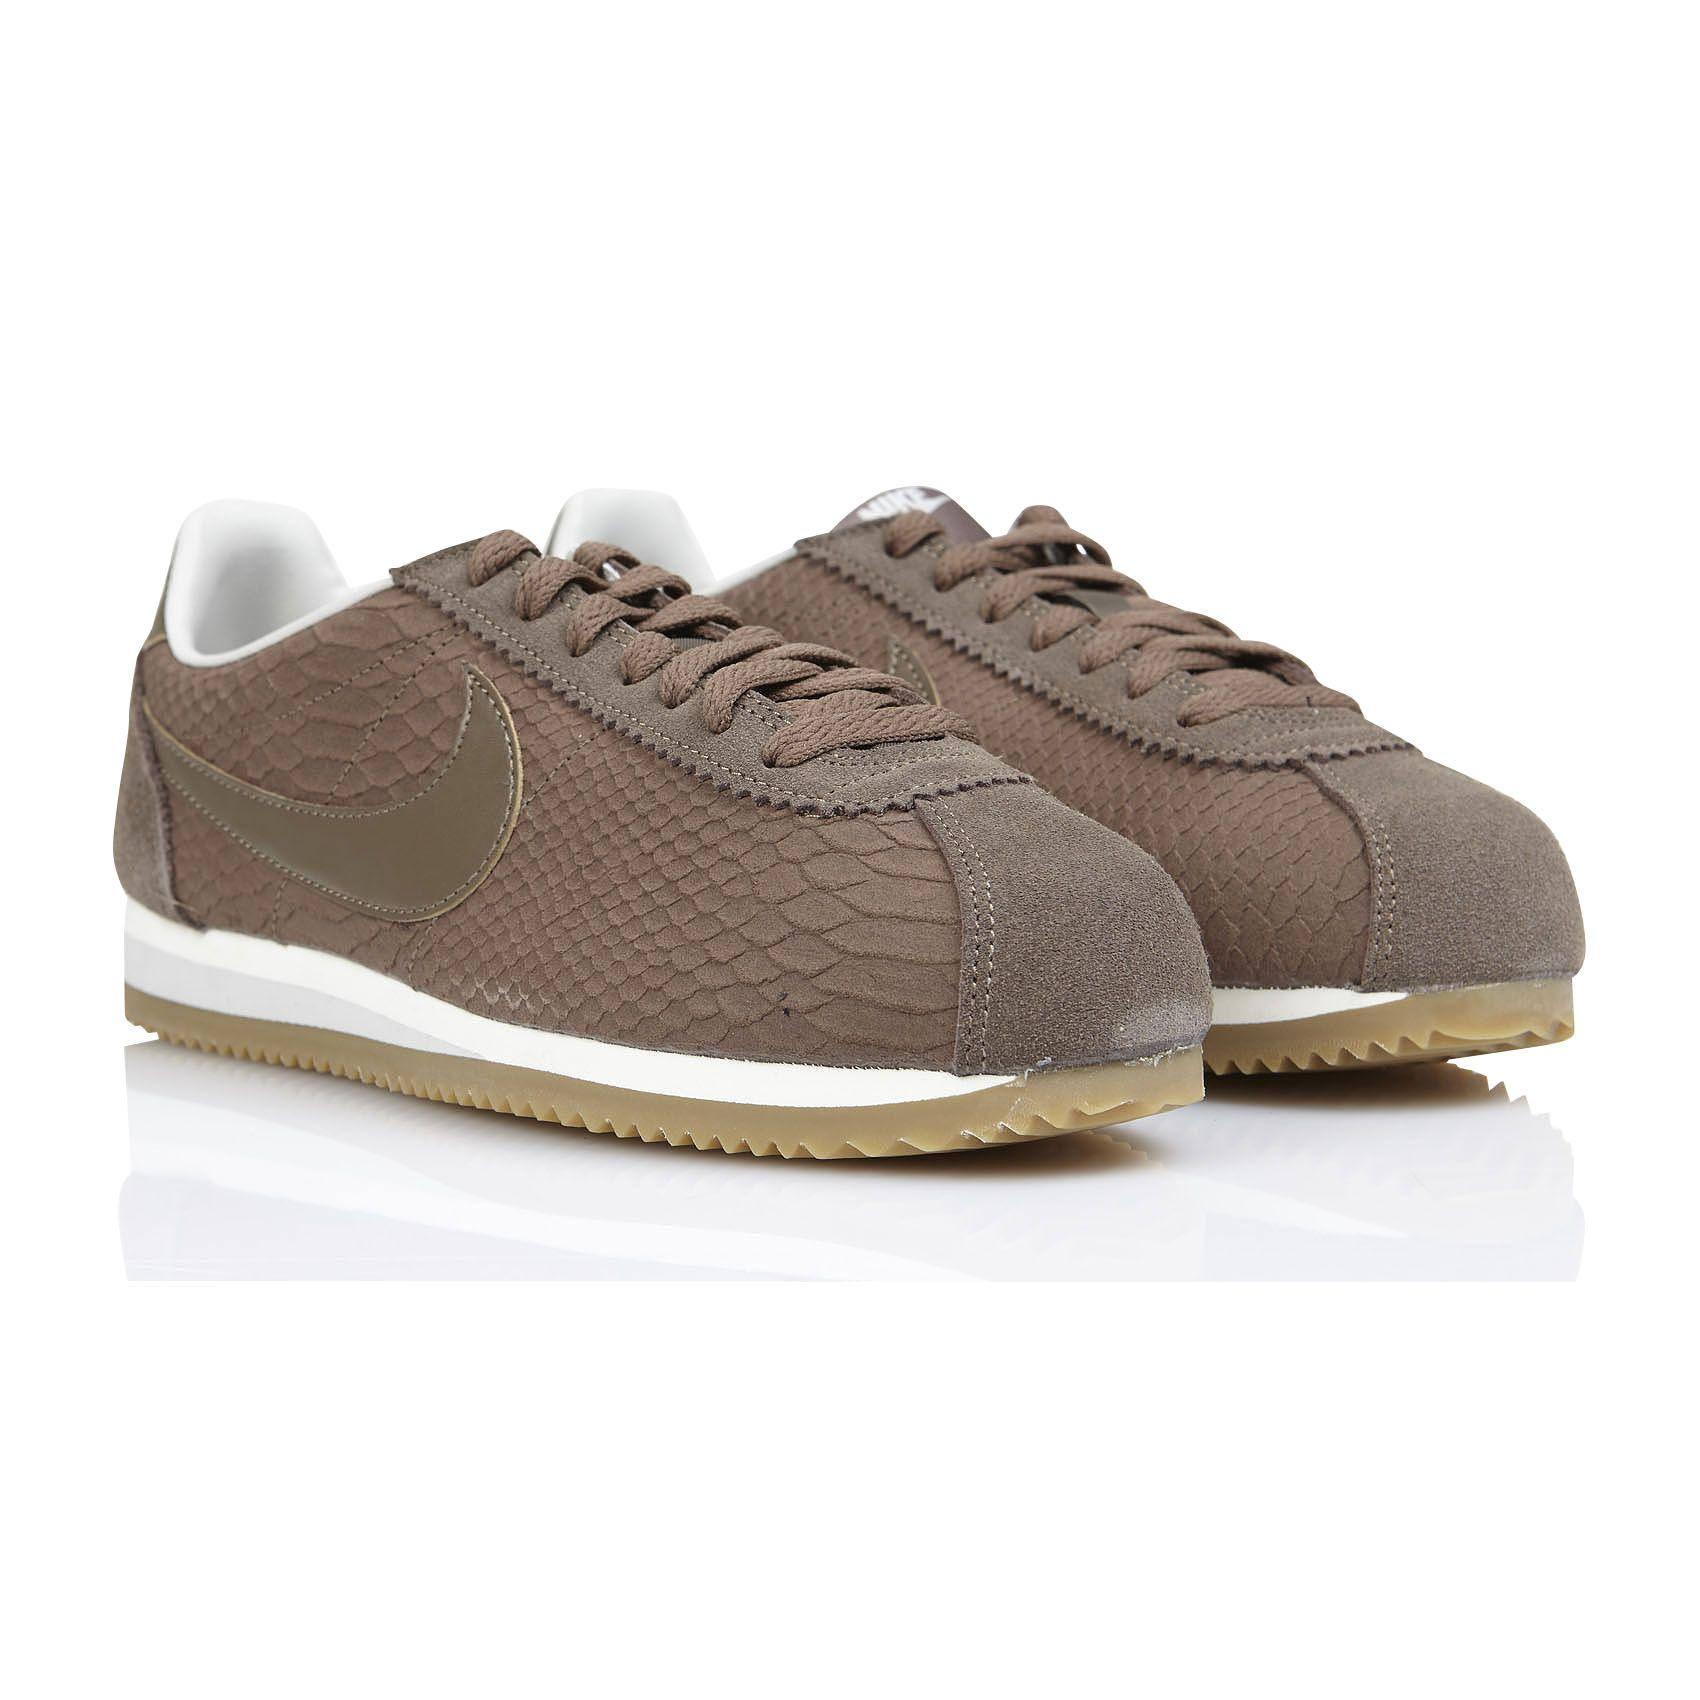 best sneakers 6f944 c3286 ... shoes cuir blanc marron 595de 8d56a  usa eshop nike baskets classic  cortez cuir marron en livraison et retours offerts. retrouvez la